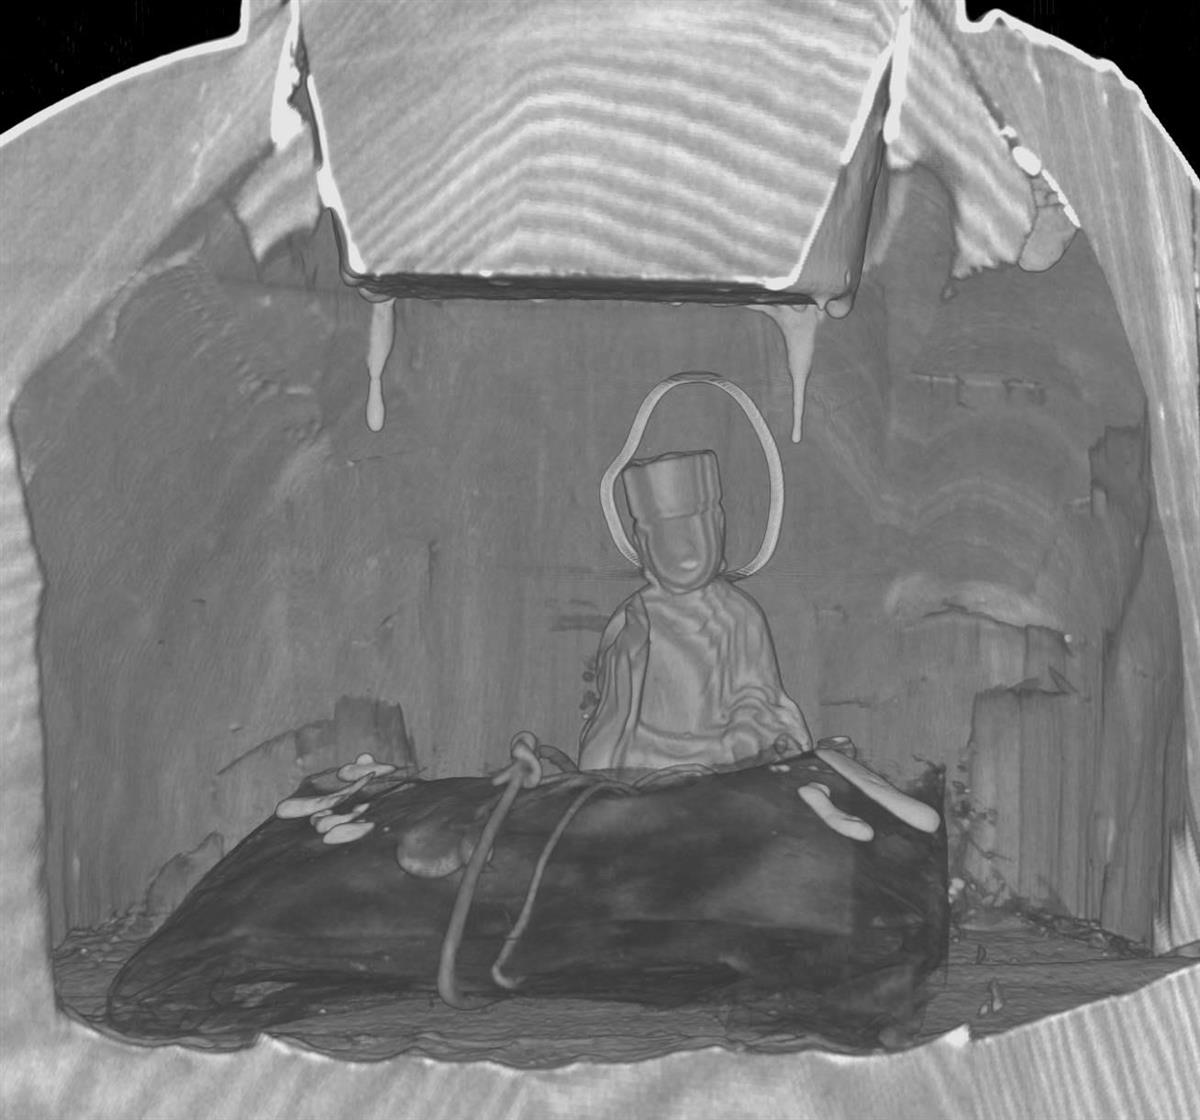 聖徳太子立像胸部のCT画像。菩薩半跏像が確認された